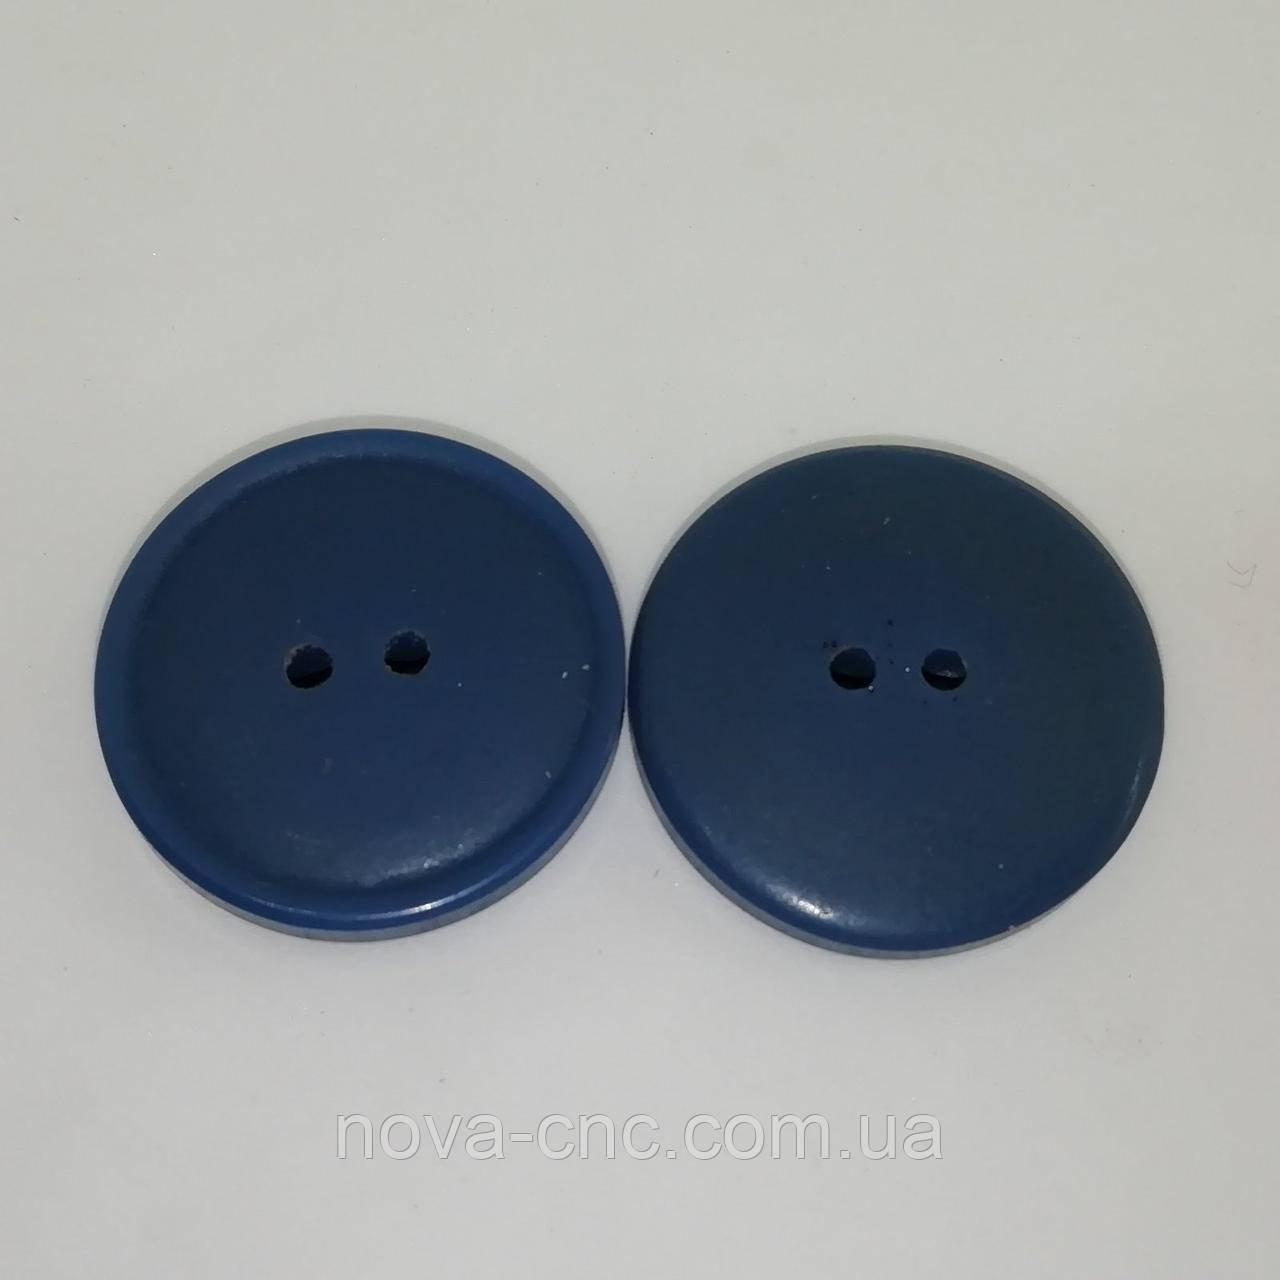 Ґудзики пластмасові 22 мм Колір синій Упаковка 600 штук